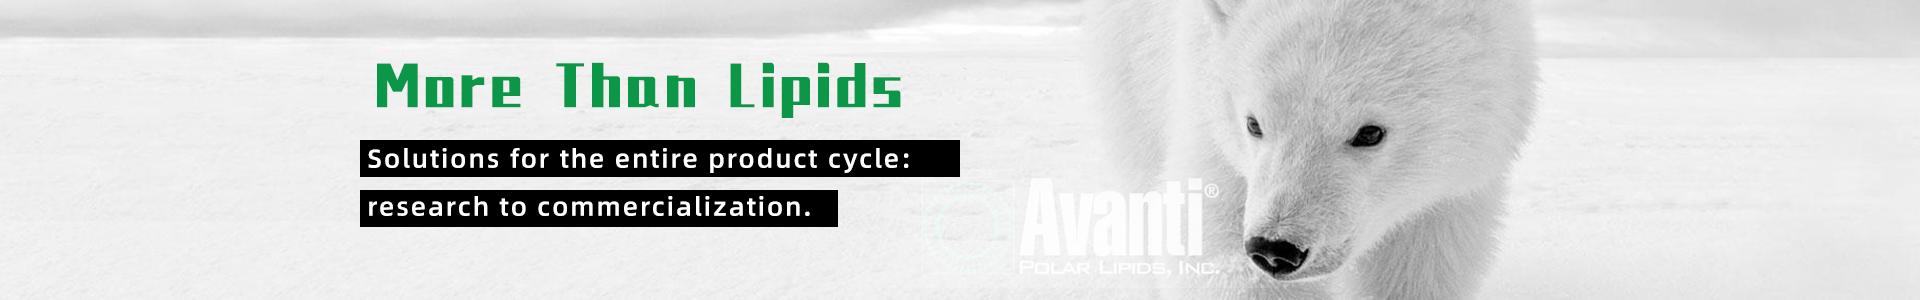 Avanti Polar